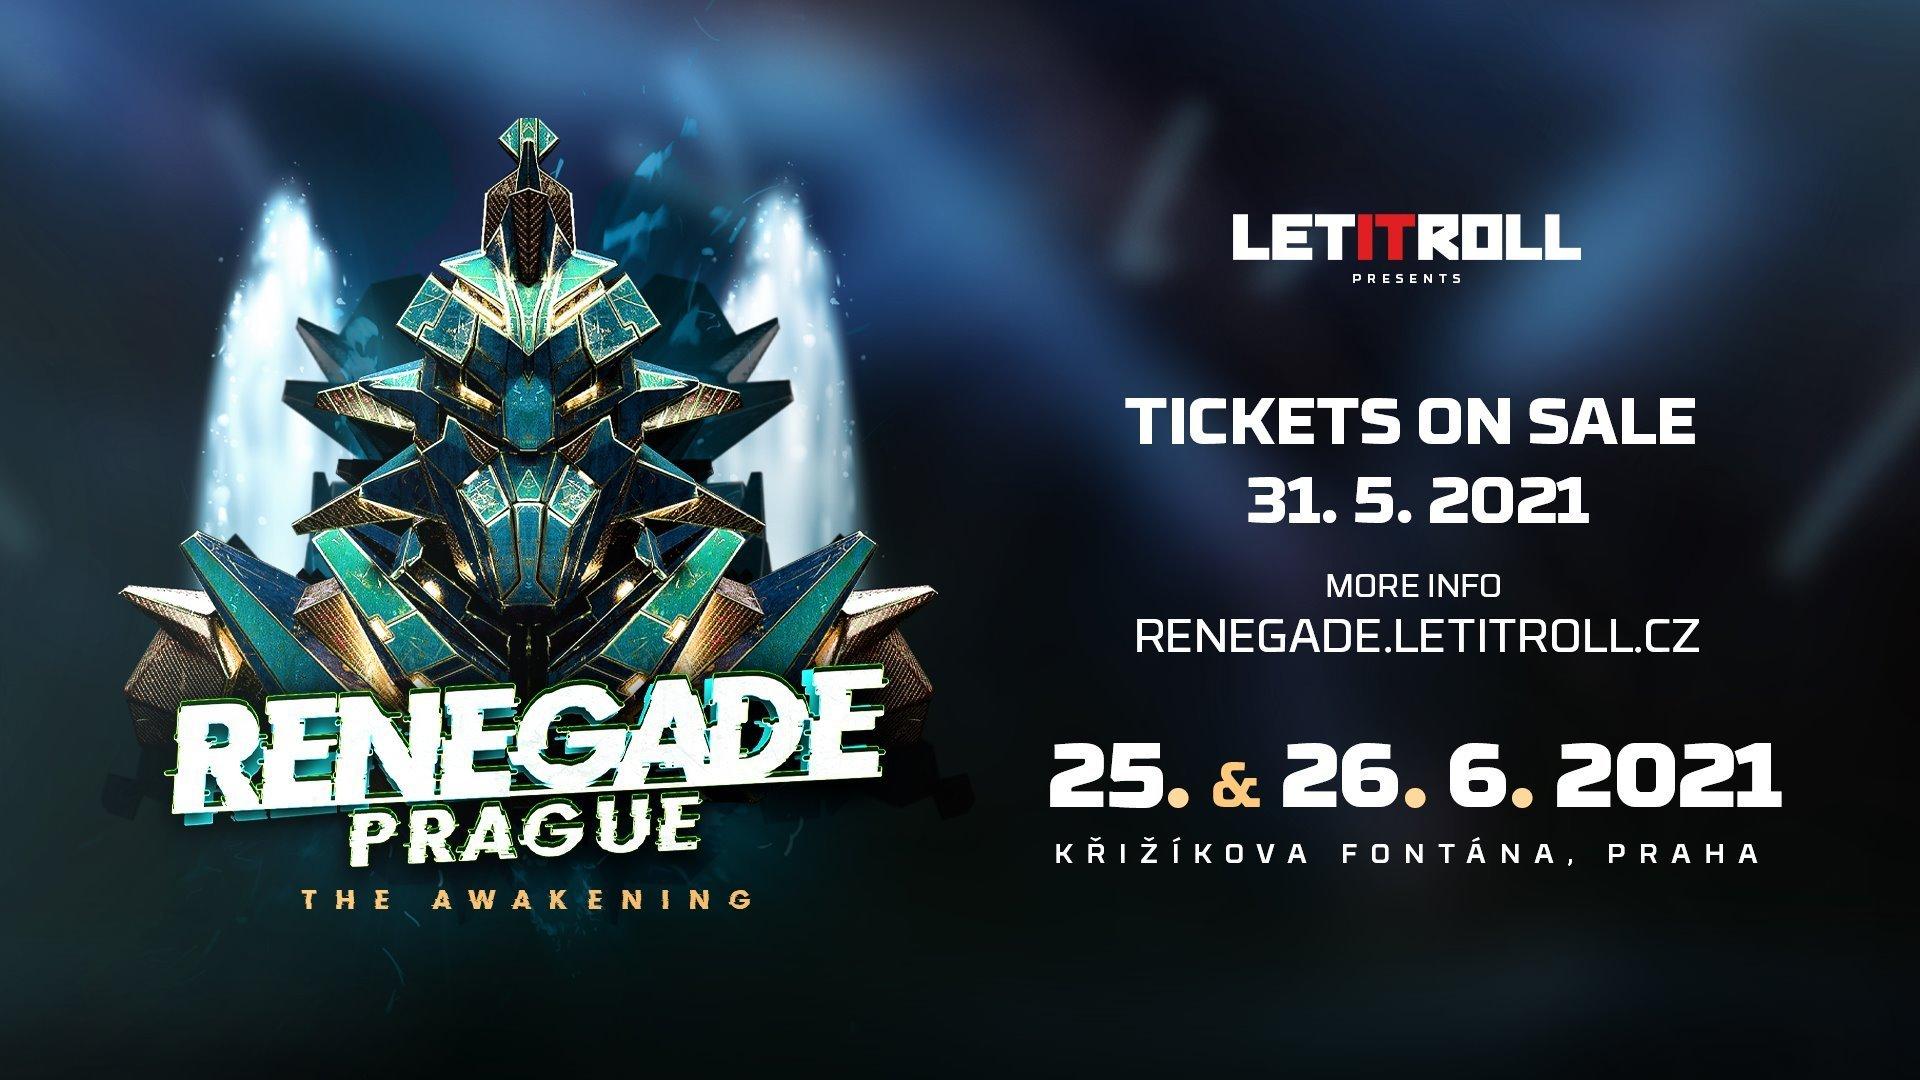 Renegade Prague